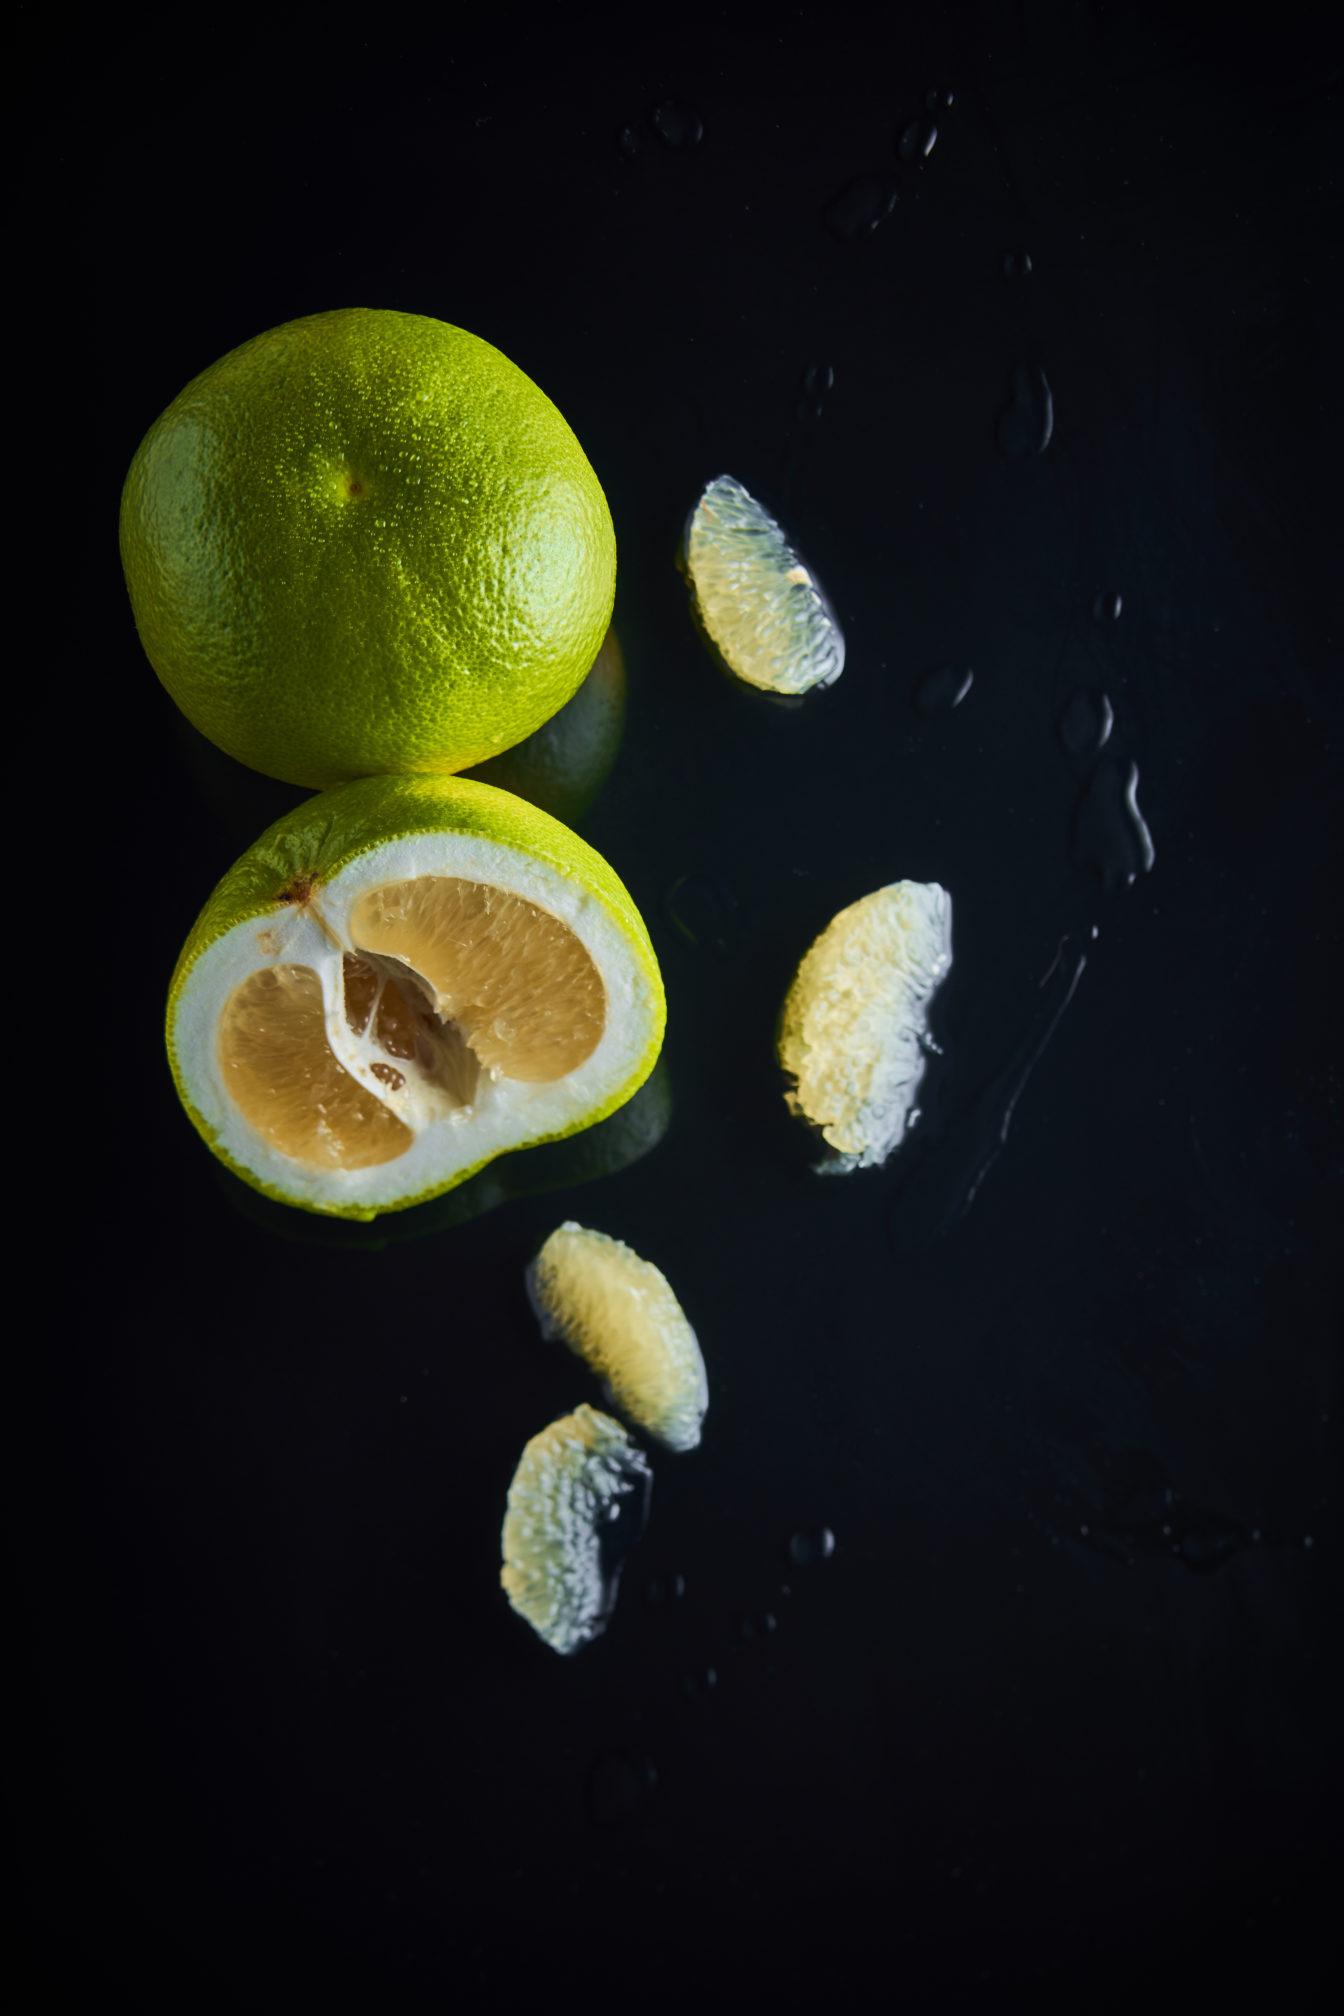 Capexo-lilot-fruits-exotique-pamplemousse-afrique-du-sud-israel